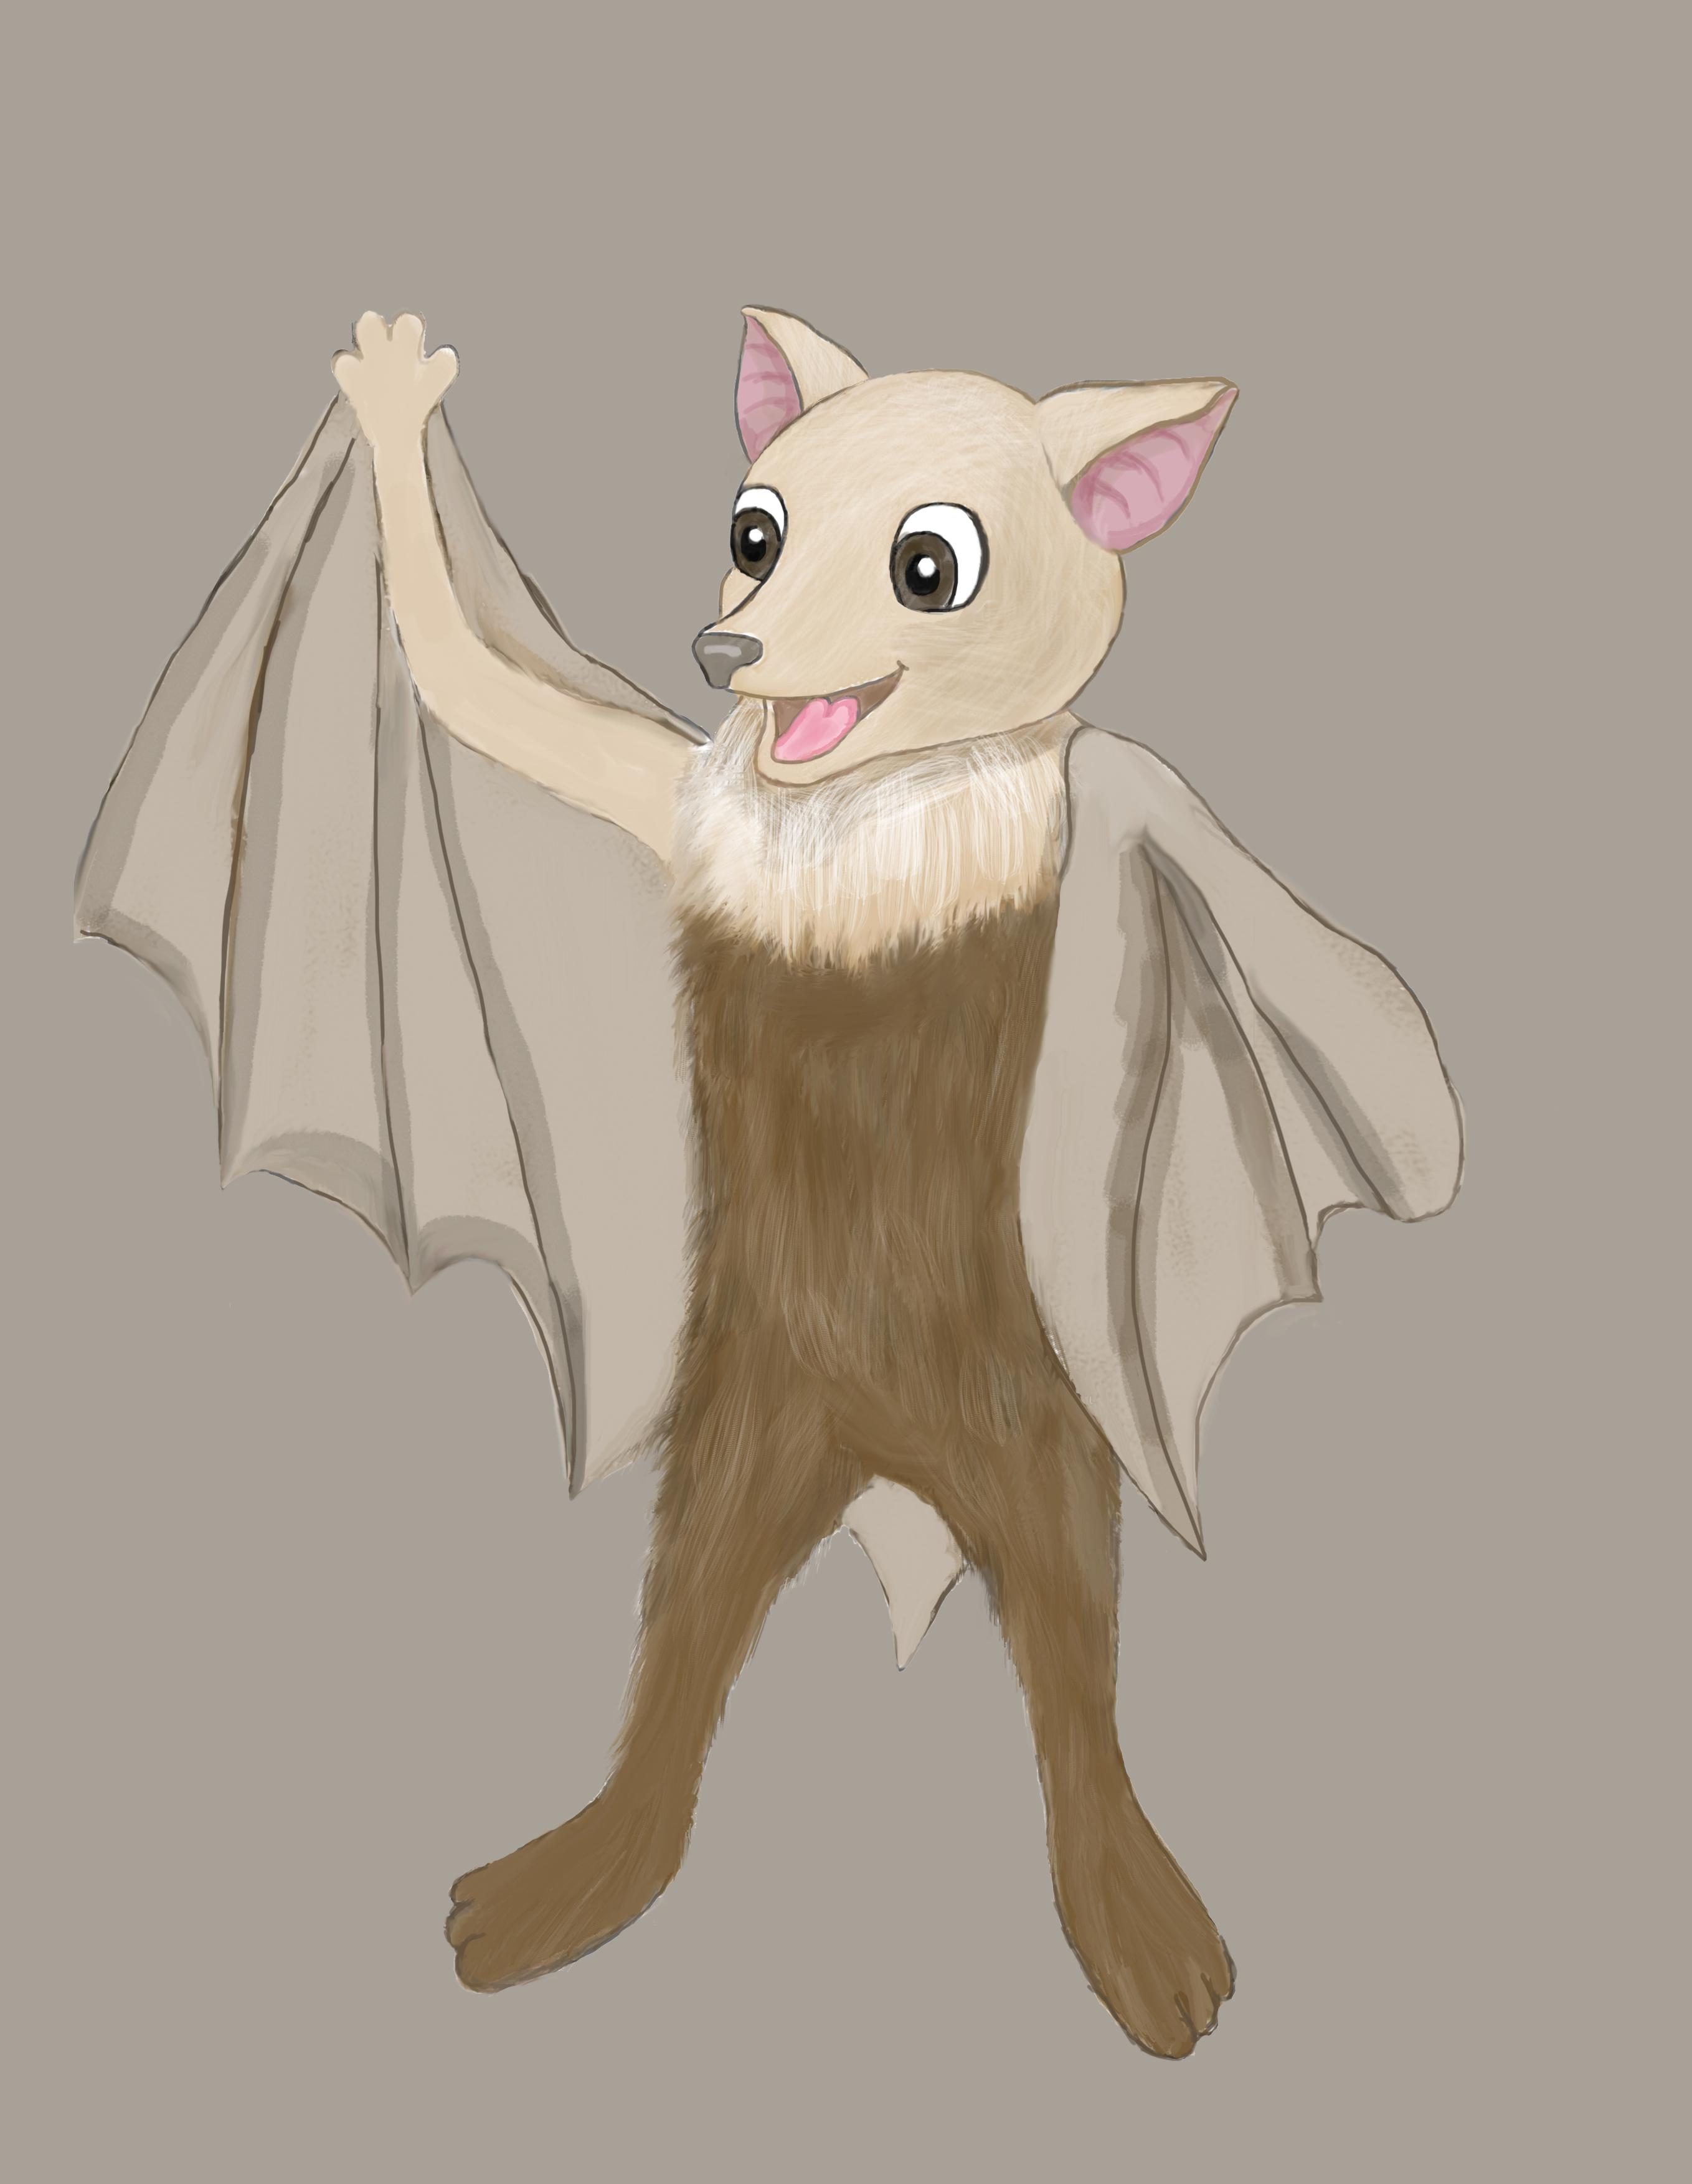 Нарисовать персонажа для анимации фото f_9165c9295efa2d06.jpg